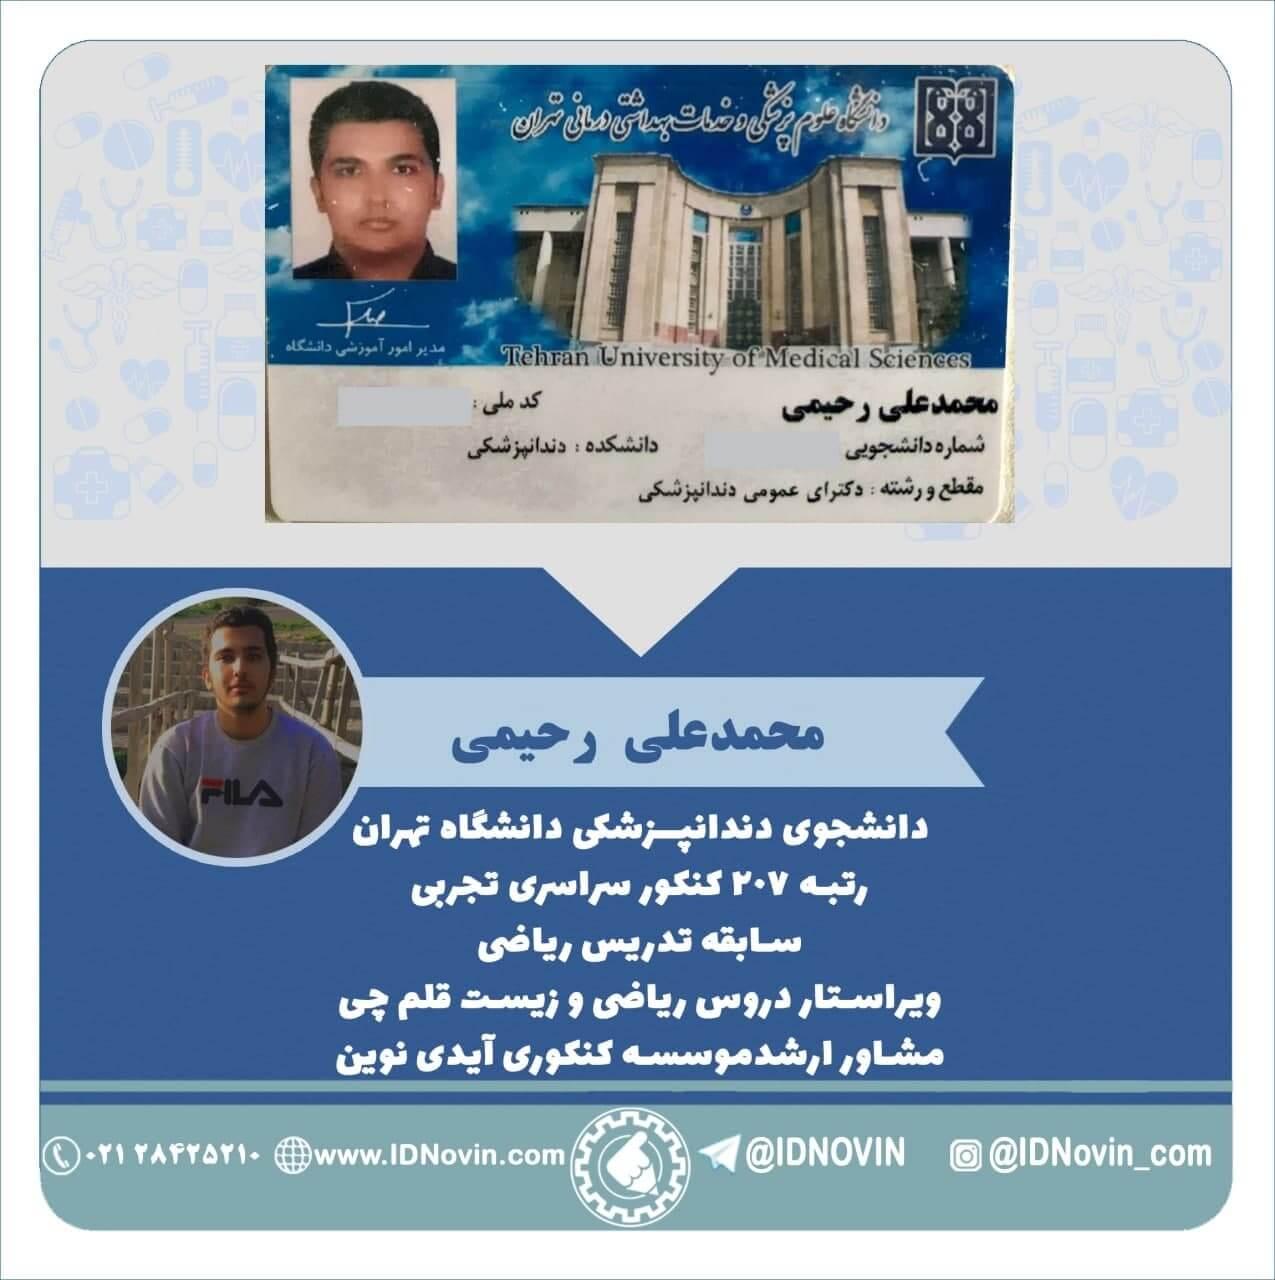 محمدعلی رحیمی - دندانپزشکی دانشگاه تهران